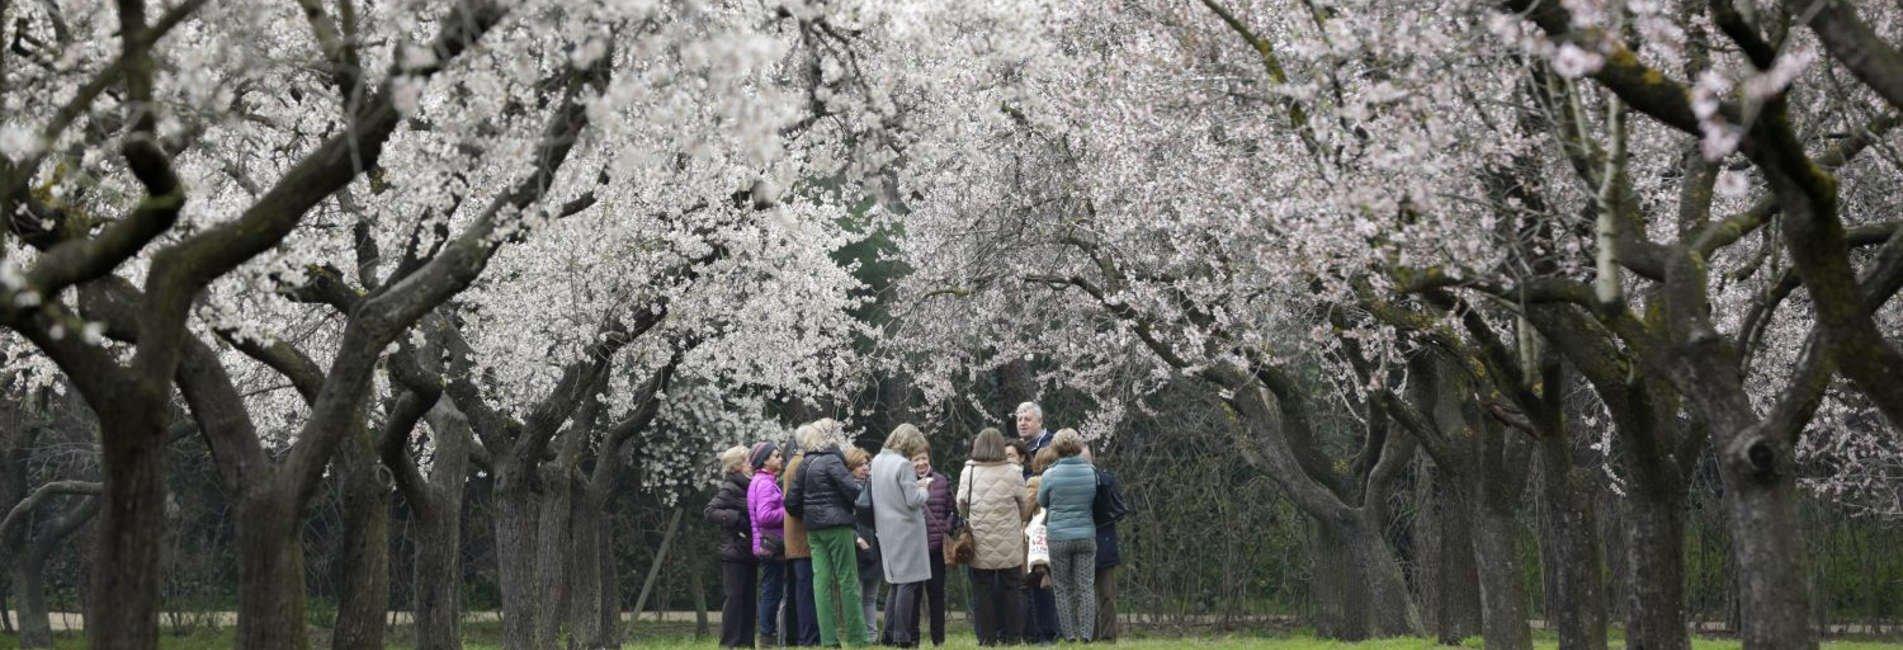 Quinta de los Molinos. Almendros en flor